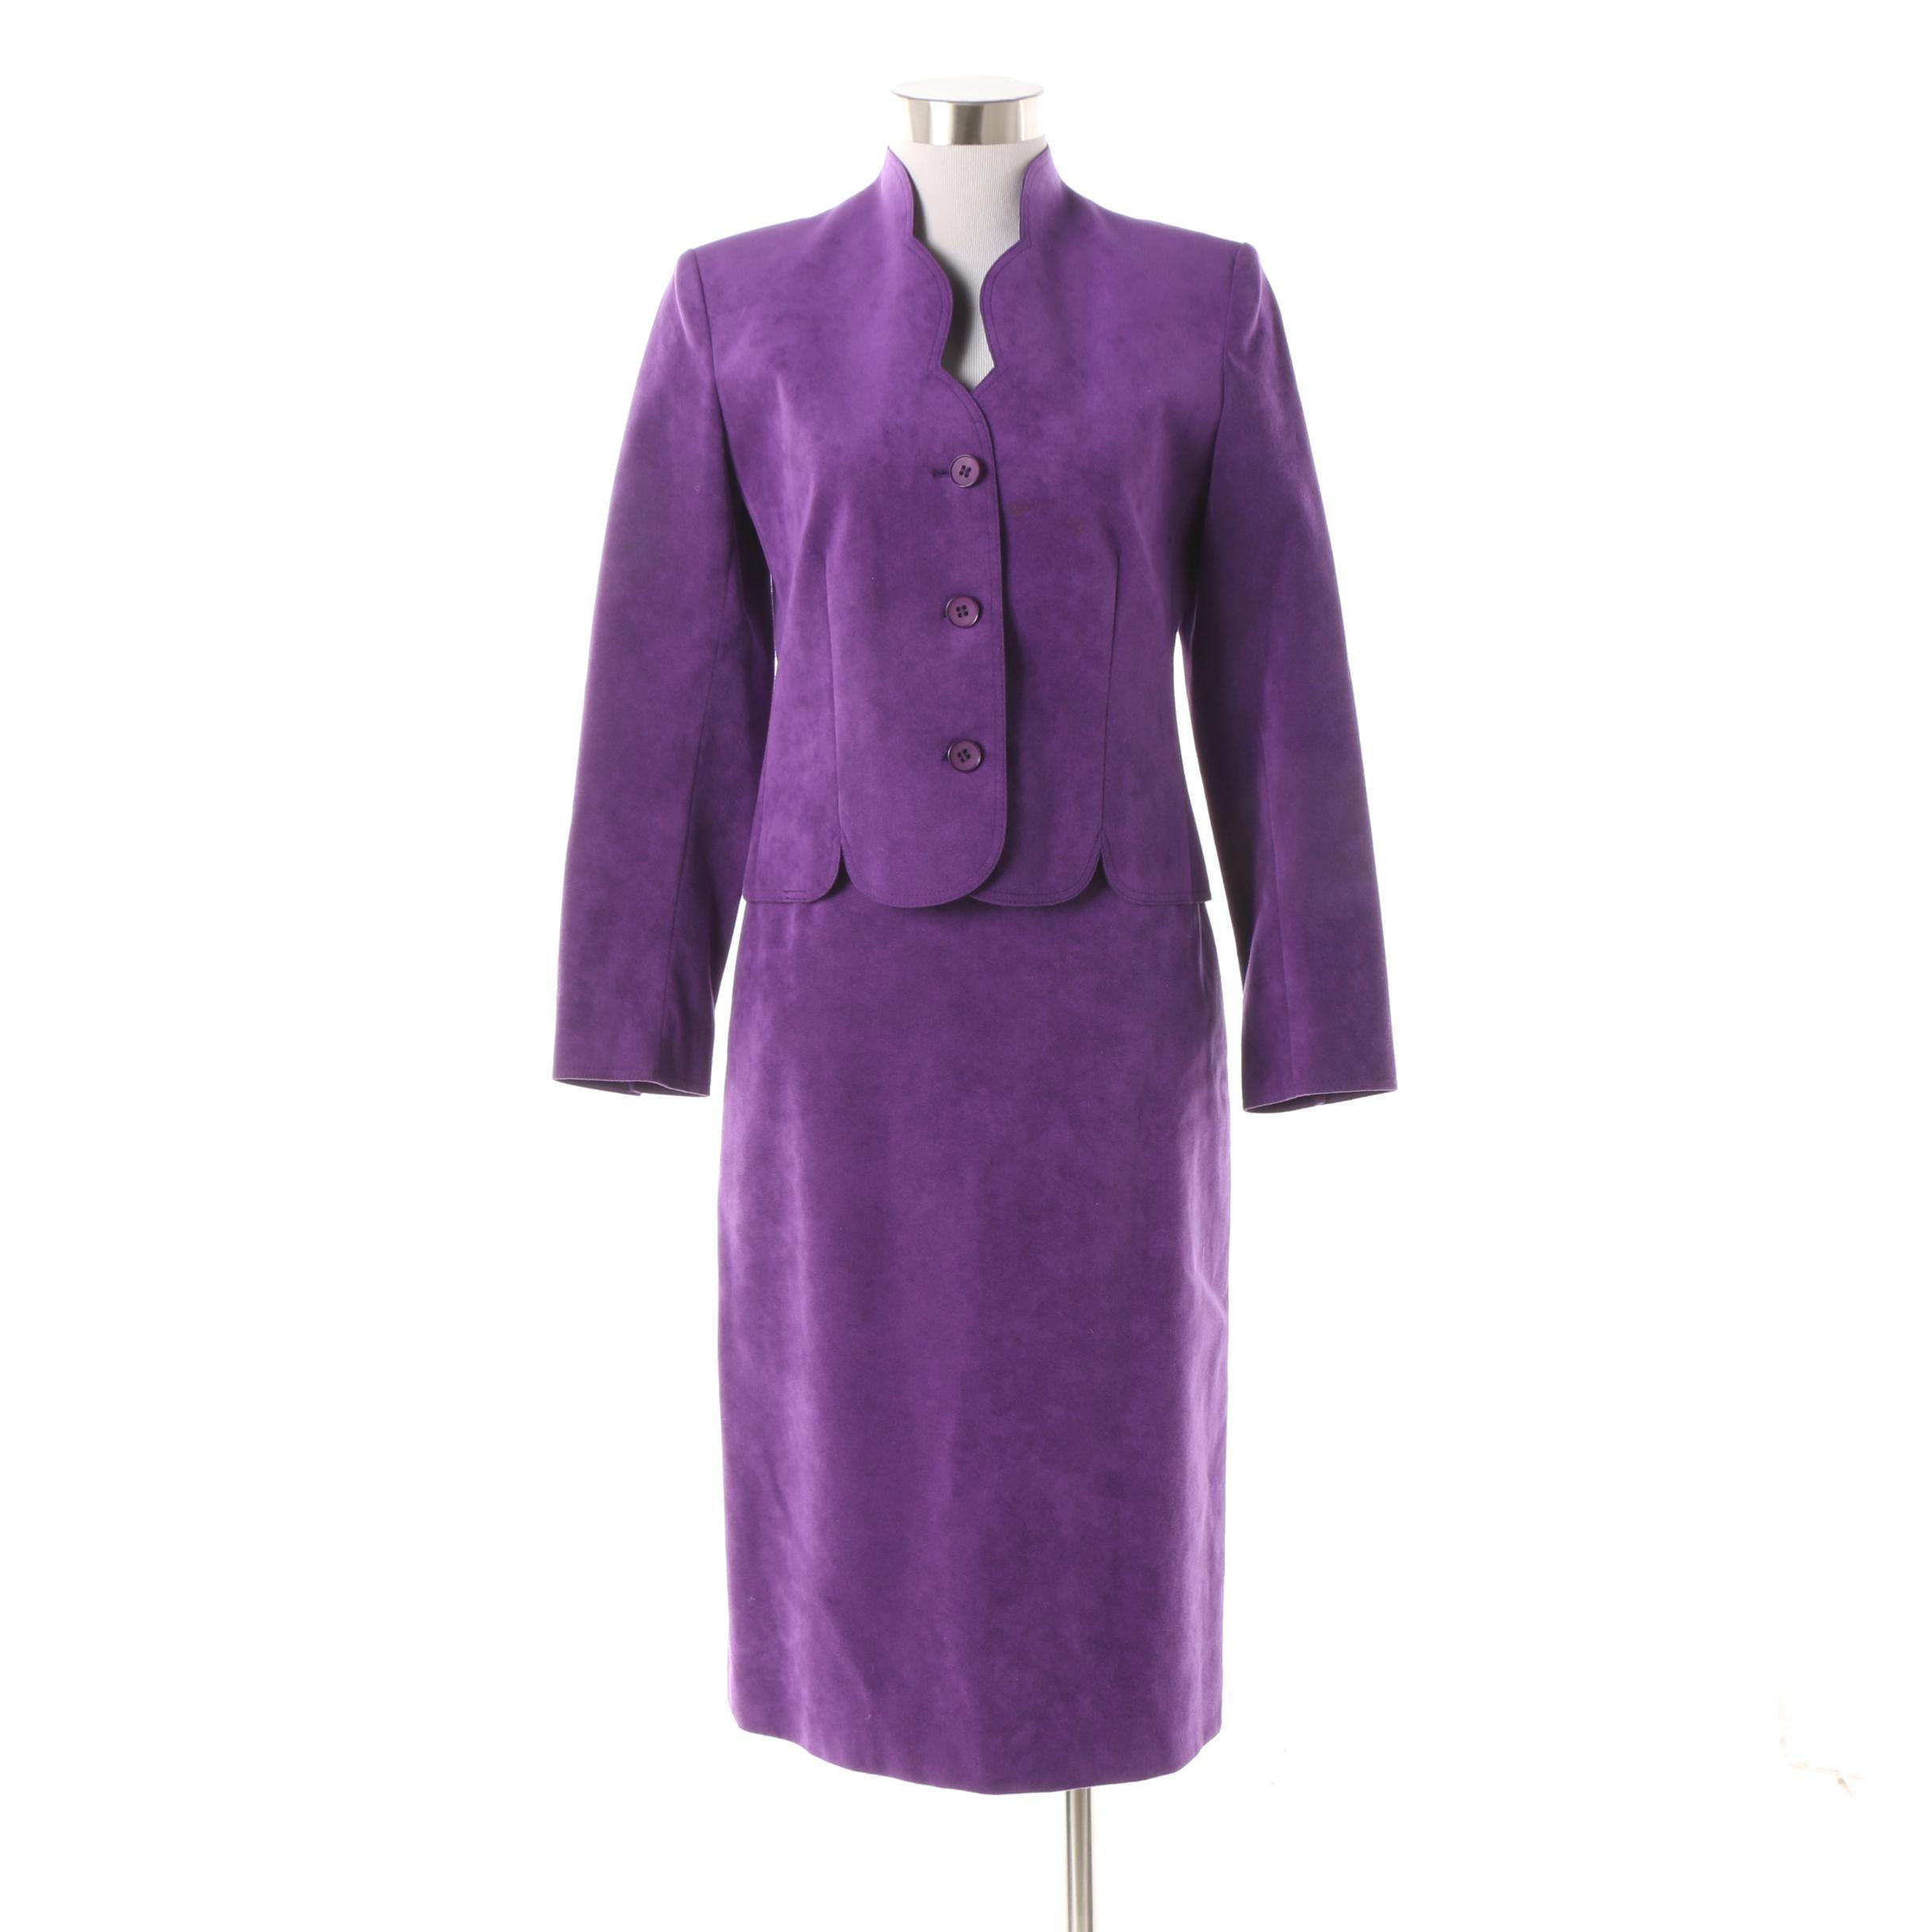 Women's 1980s Vintage Lilli Ann's Petite Purple Suede Skirt Suit